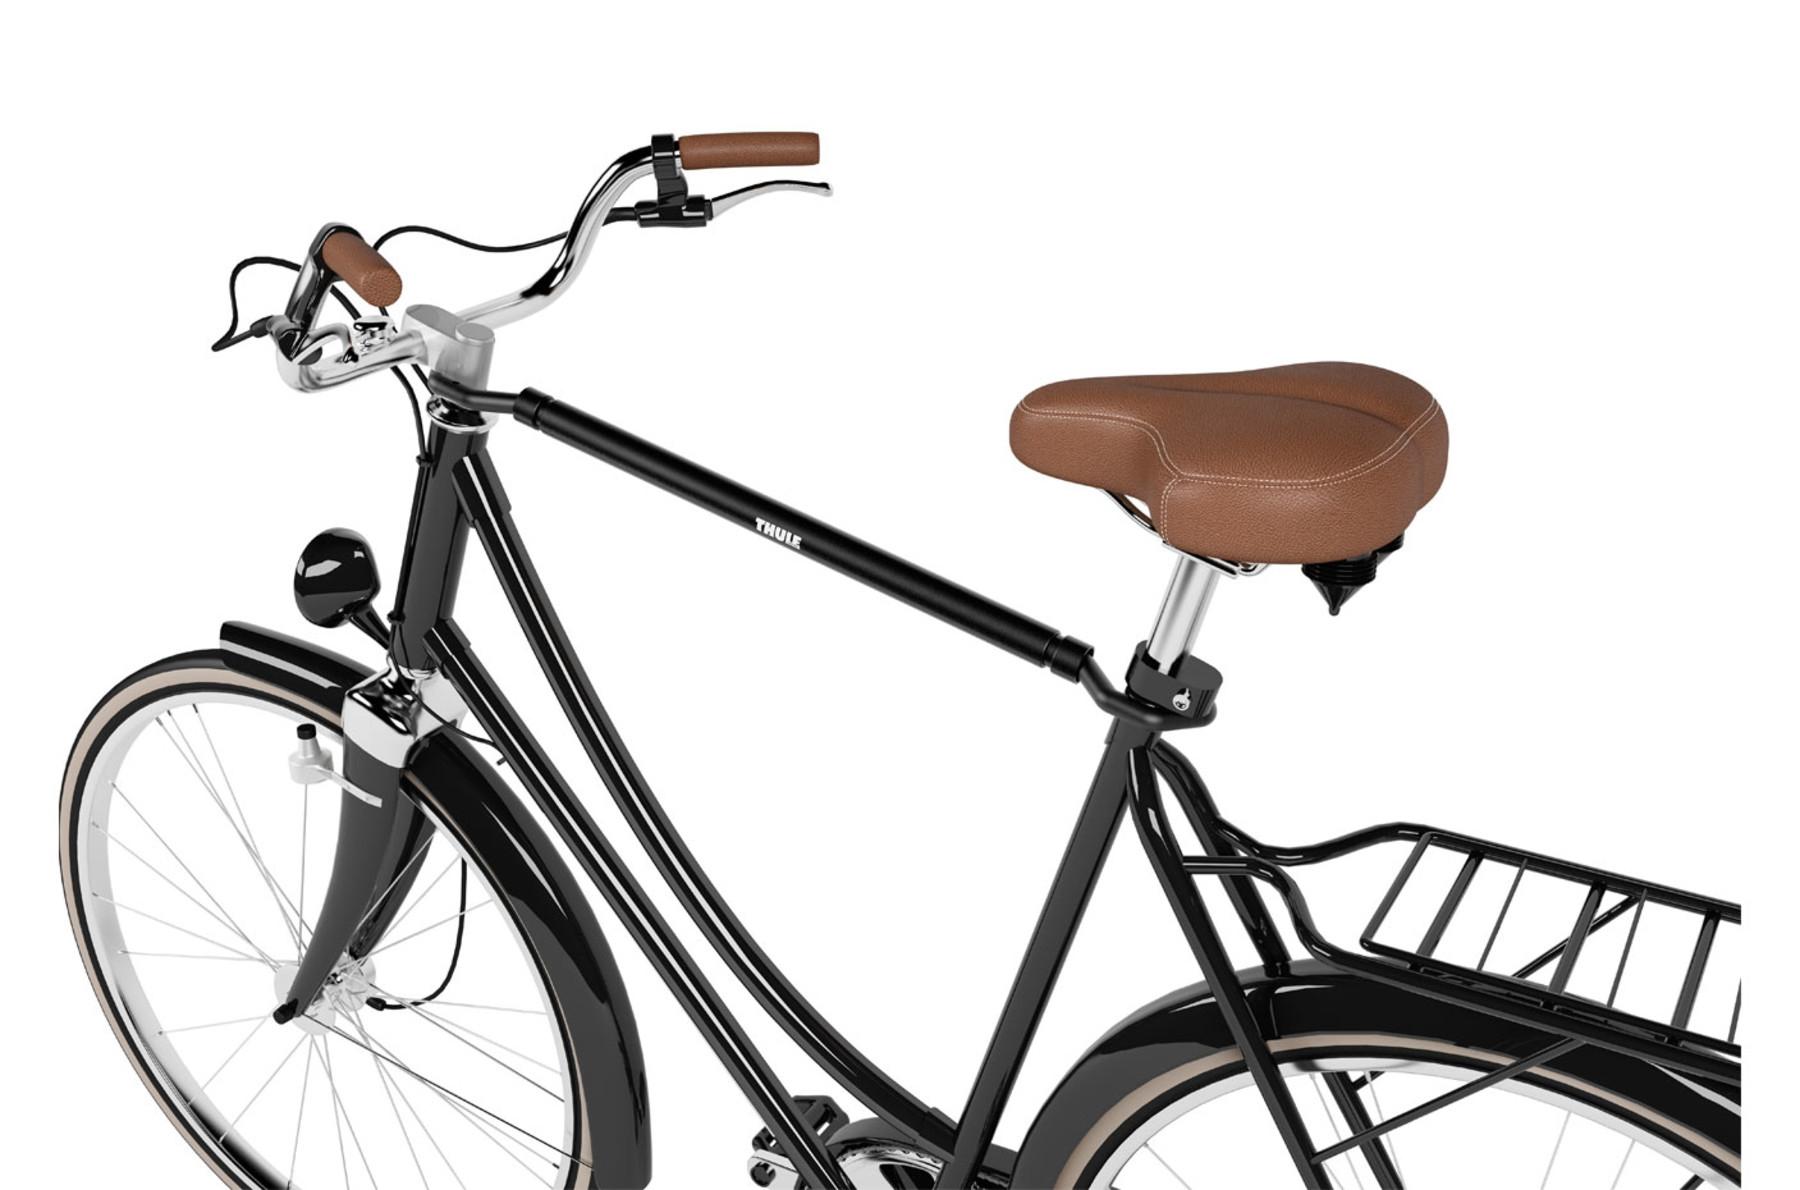 Nosič jízdního kola na tažné zařízení lze dovybavit adaptérem.